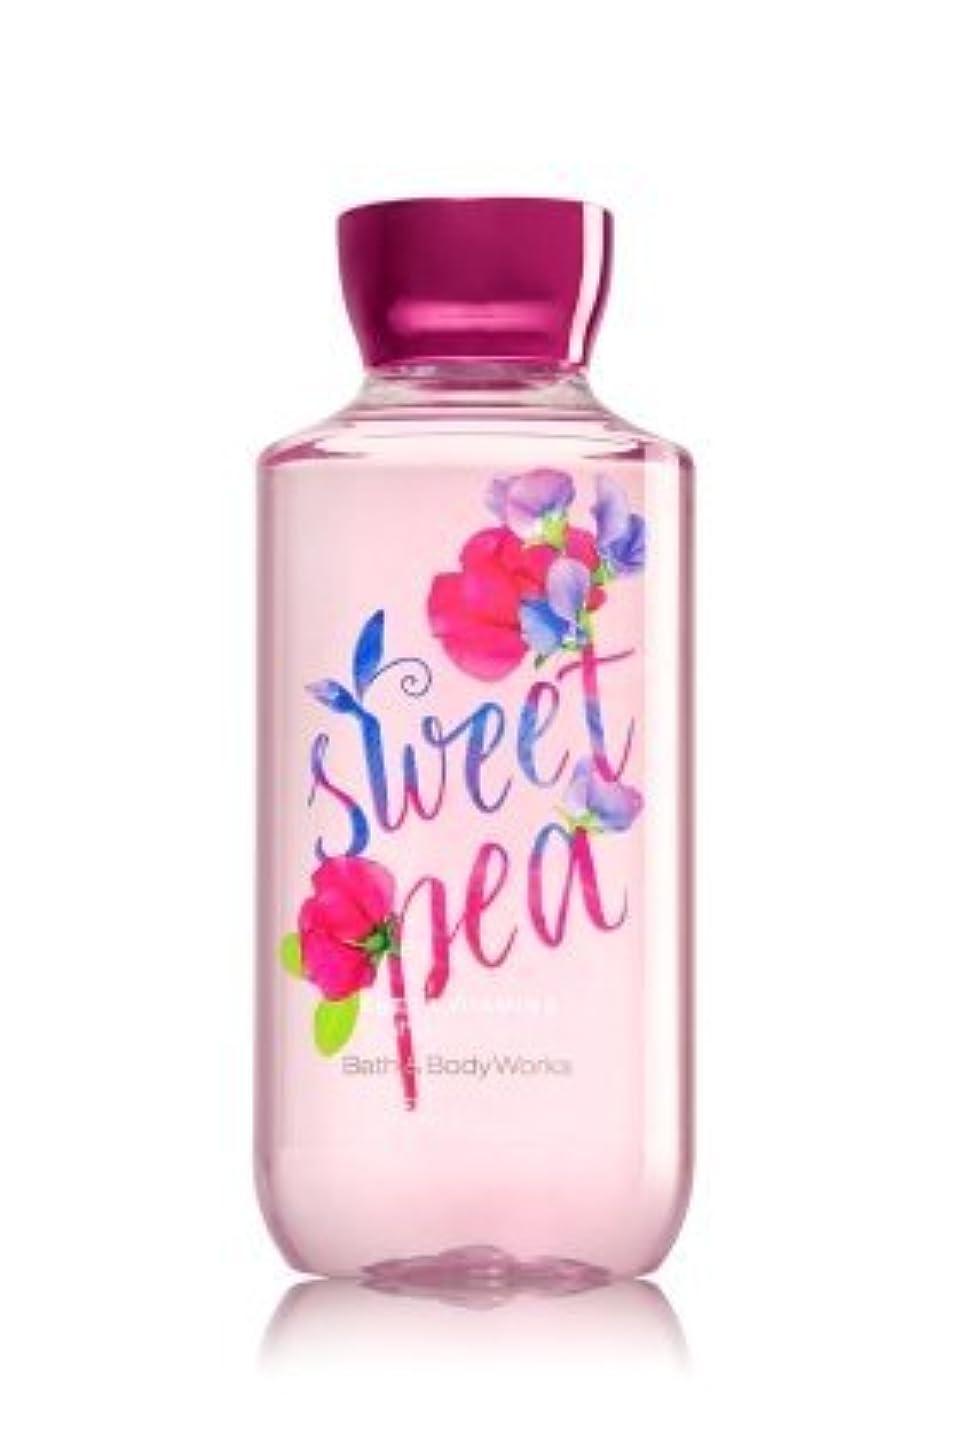 かすれたアライメント出くわす【Bath&Body Works/バス&ボディワークス】 シャワージェル スイートピー Shower Gel Sweet Pea 10 fl oz / 295 mL [並行輸入品]